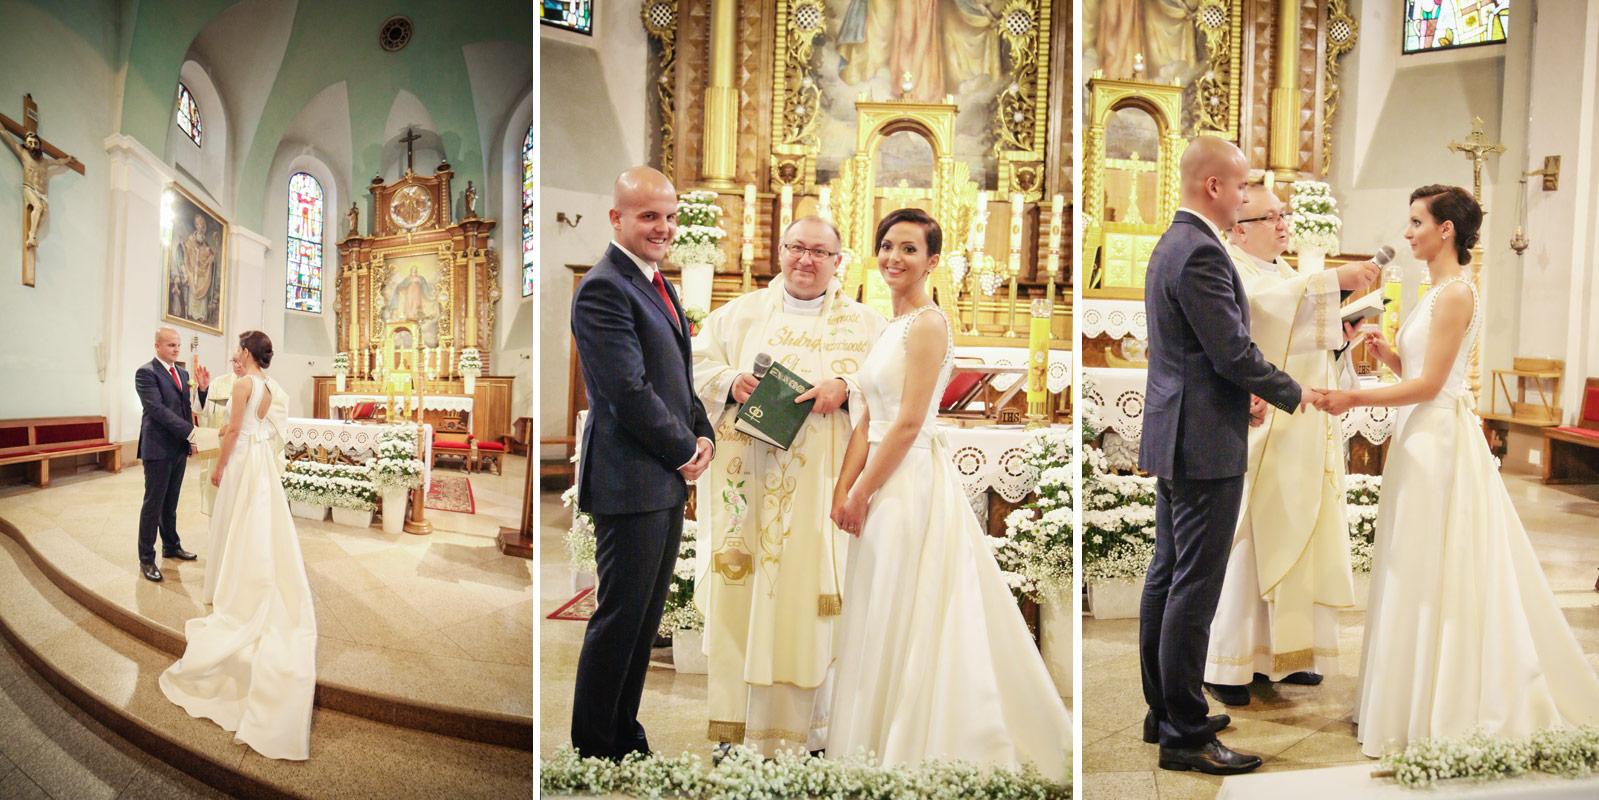 Fotograf Kępno - przysięga w kościele